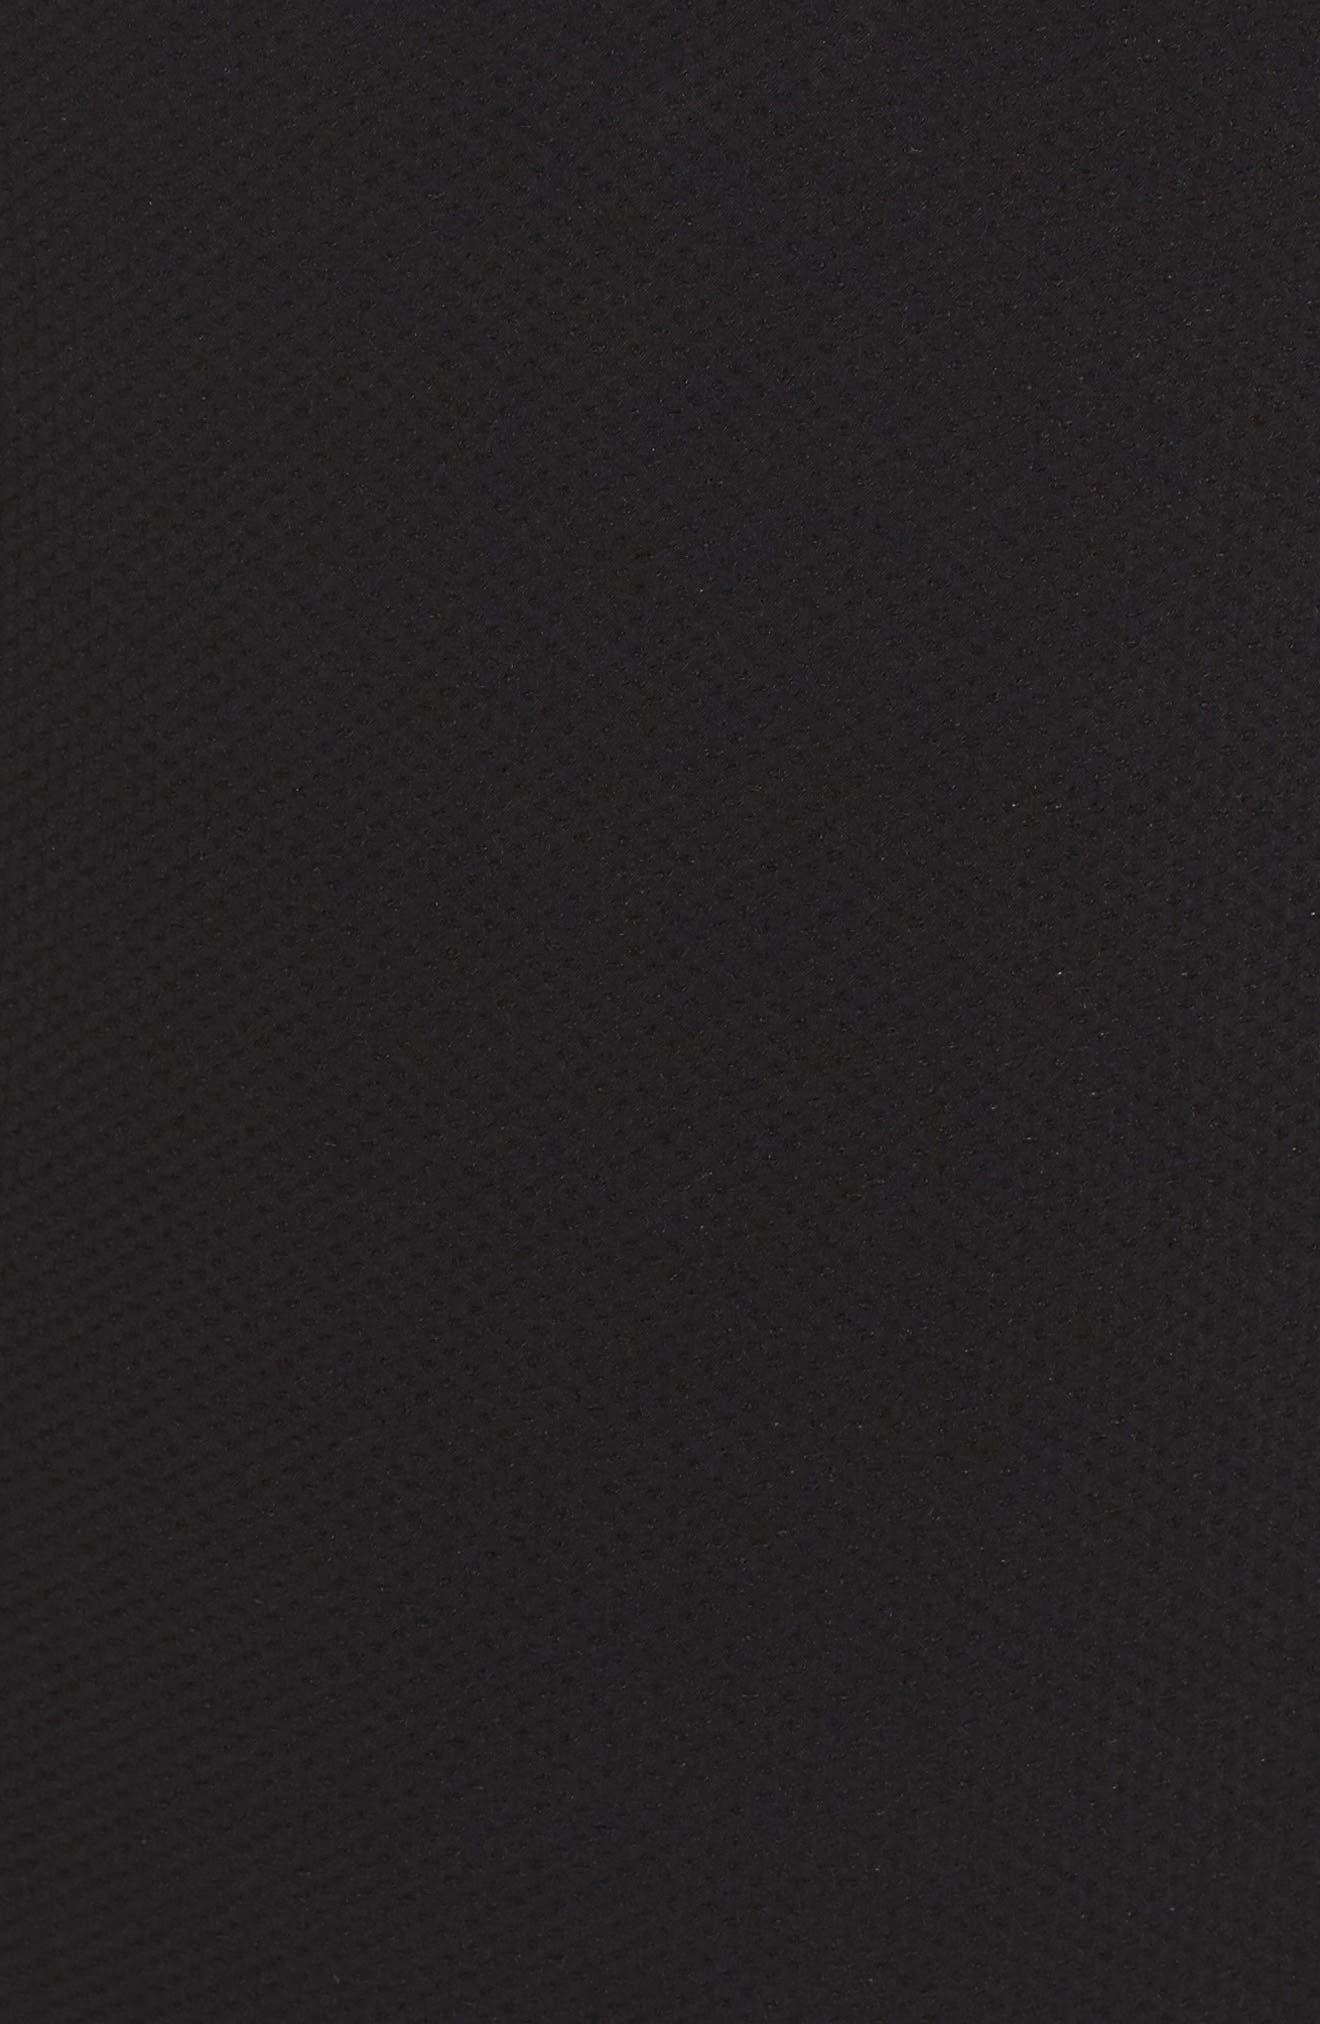 Piqué Ruffle Halter One-Piece Swimsuit,                             Alternate thumbnail 5, color,                             007